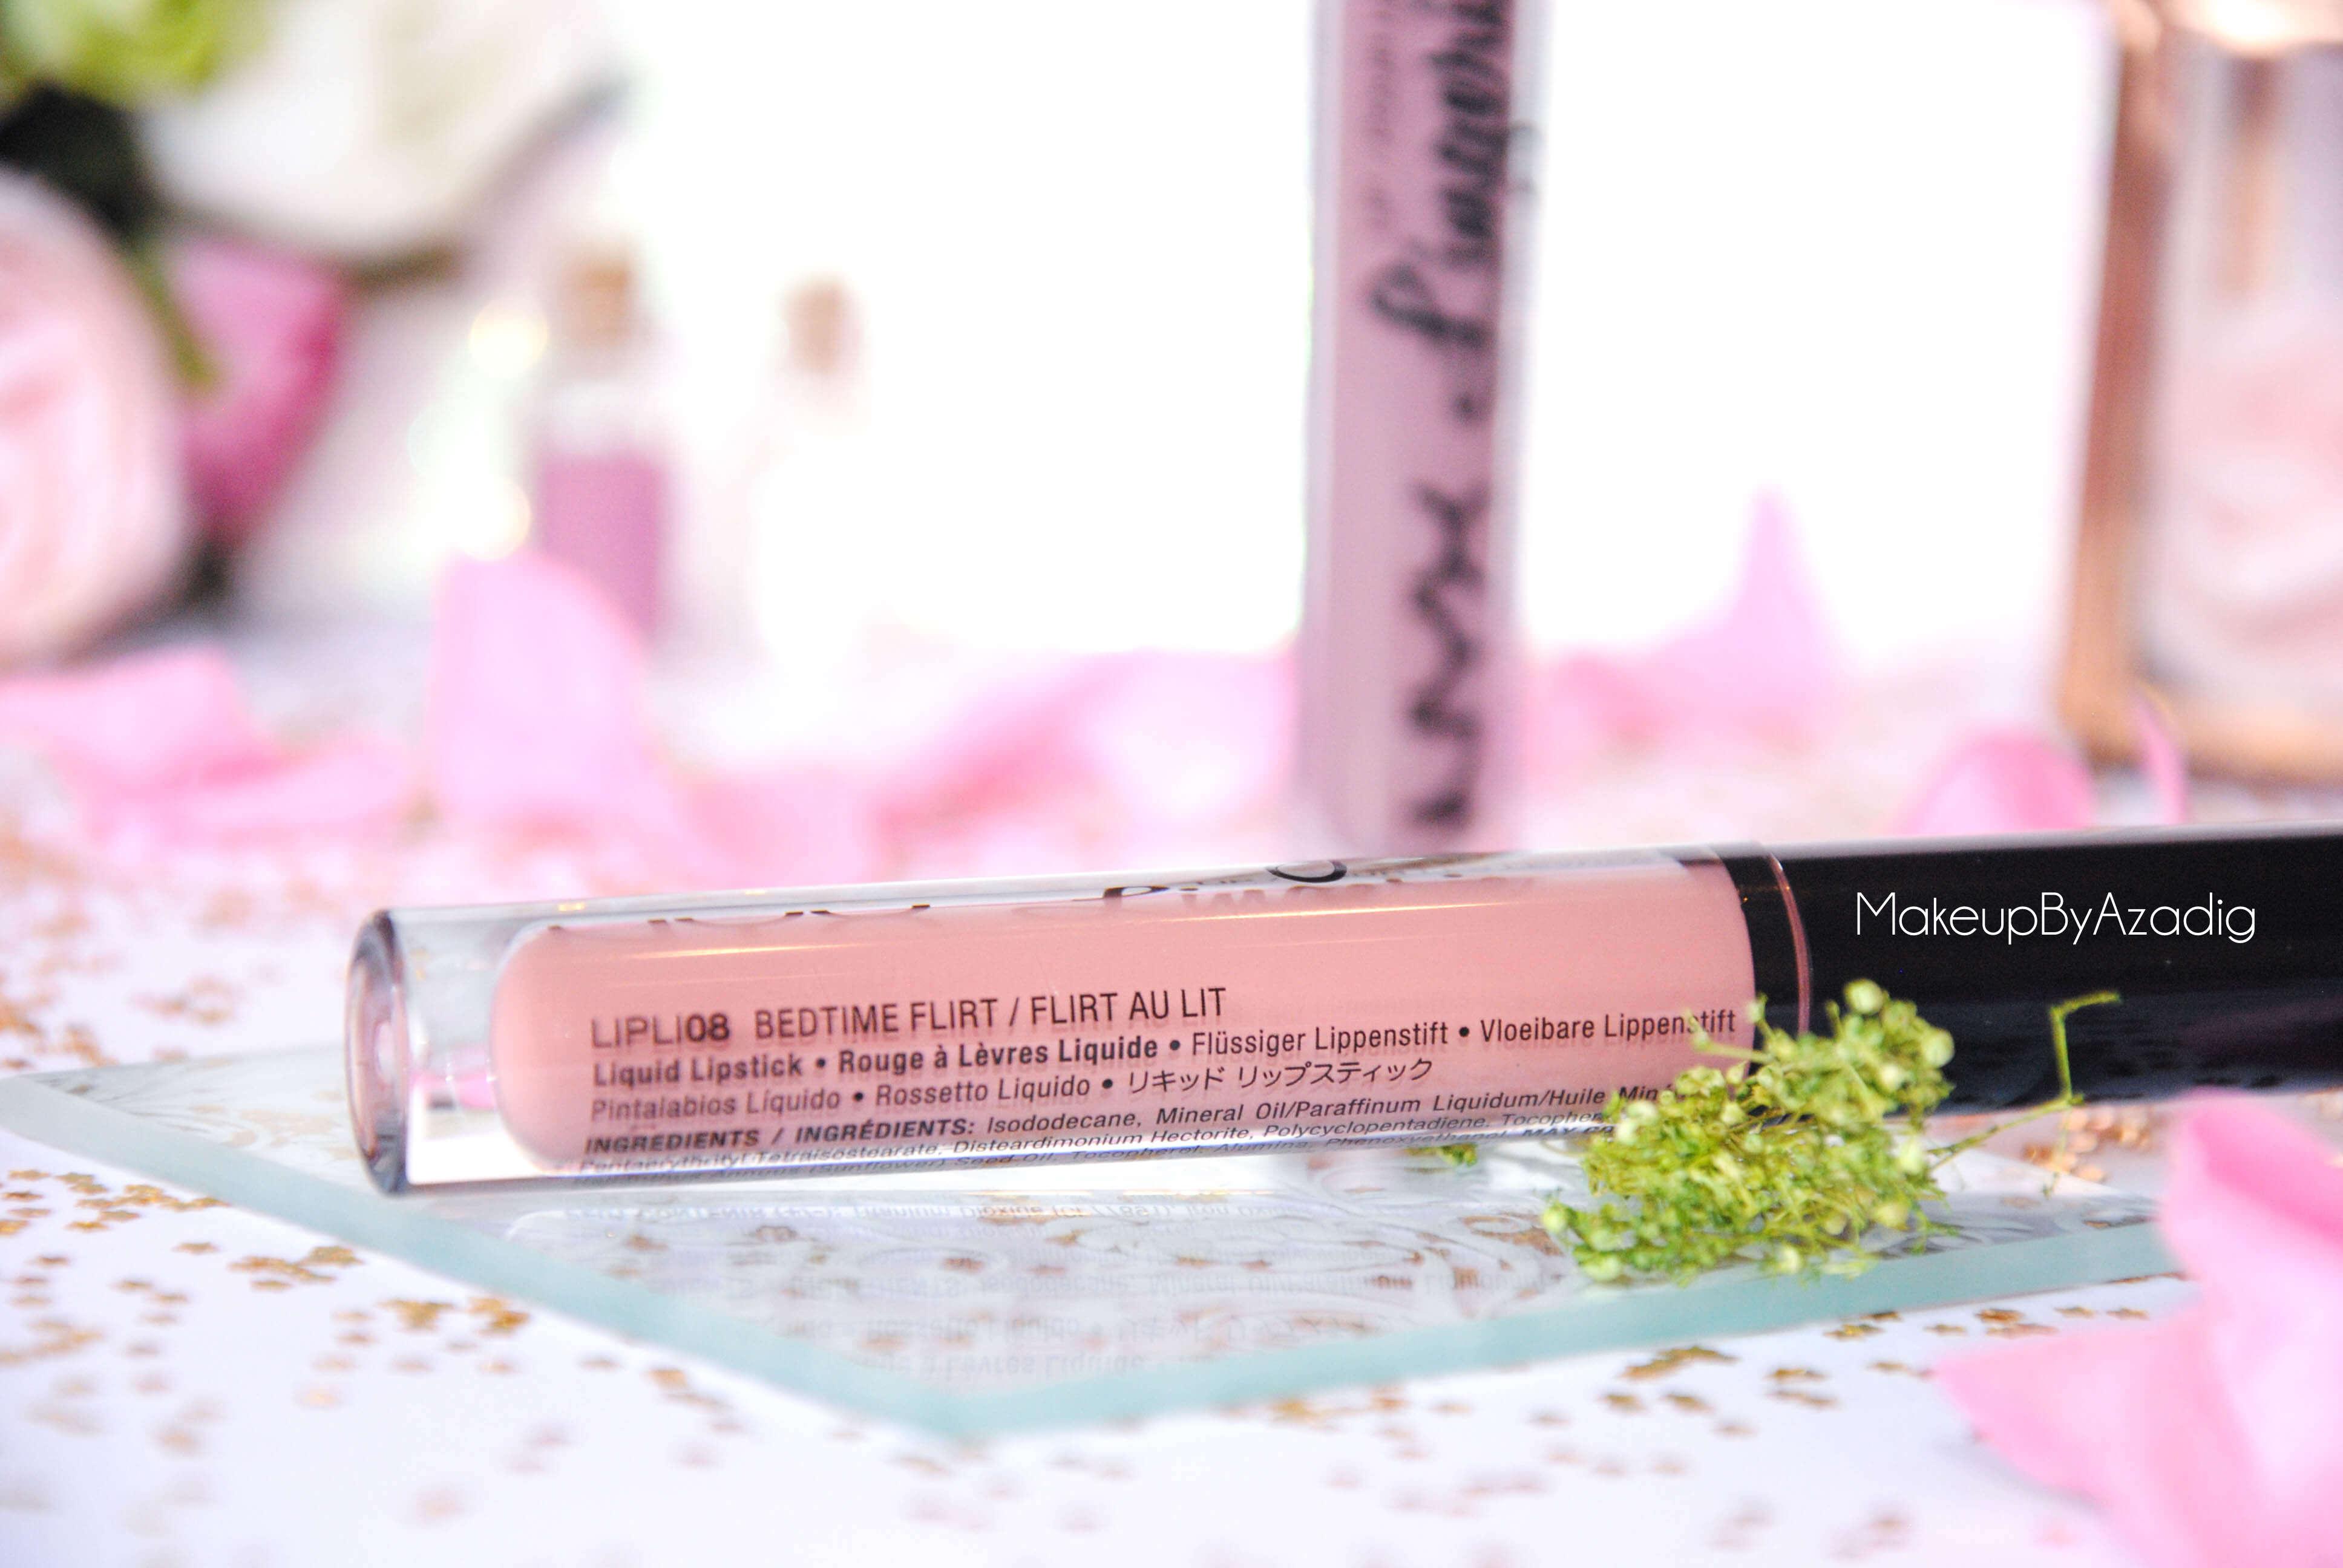 lip lingerie - revue - swatch- nyx cosmetics - embellishment - bedtime flirt - makeupbyazadig - enjoyphoenix - troyes -flirt au lit